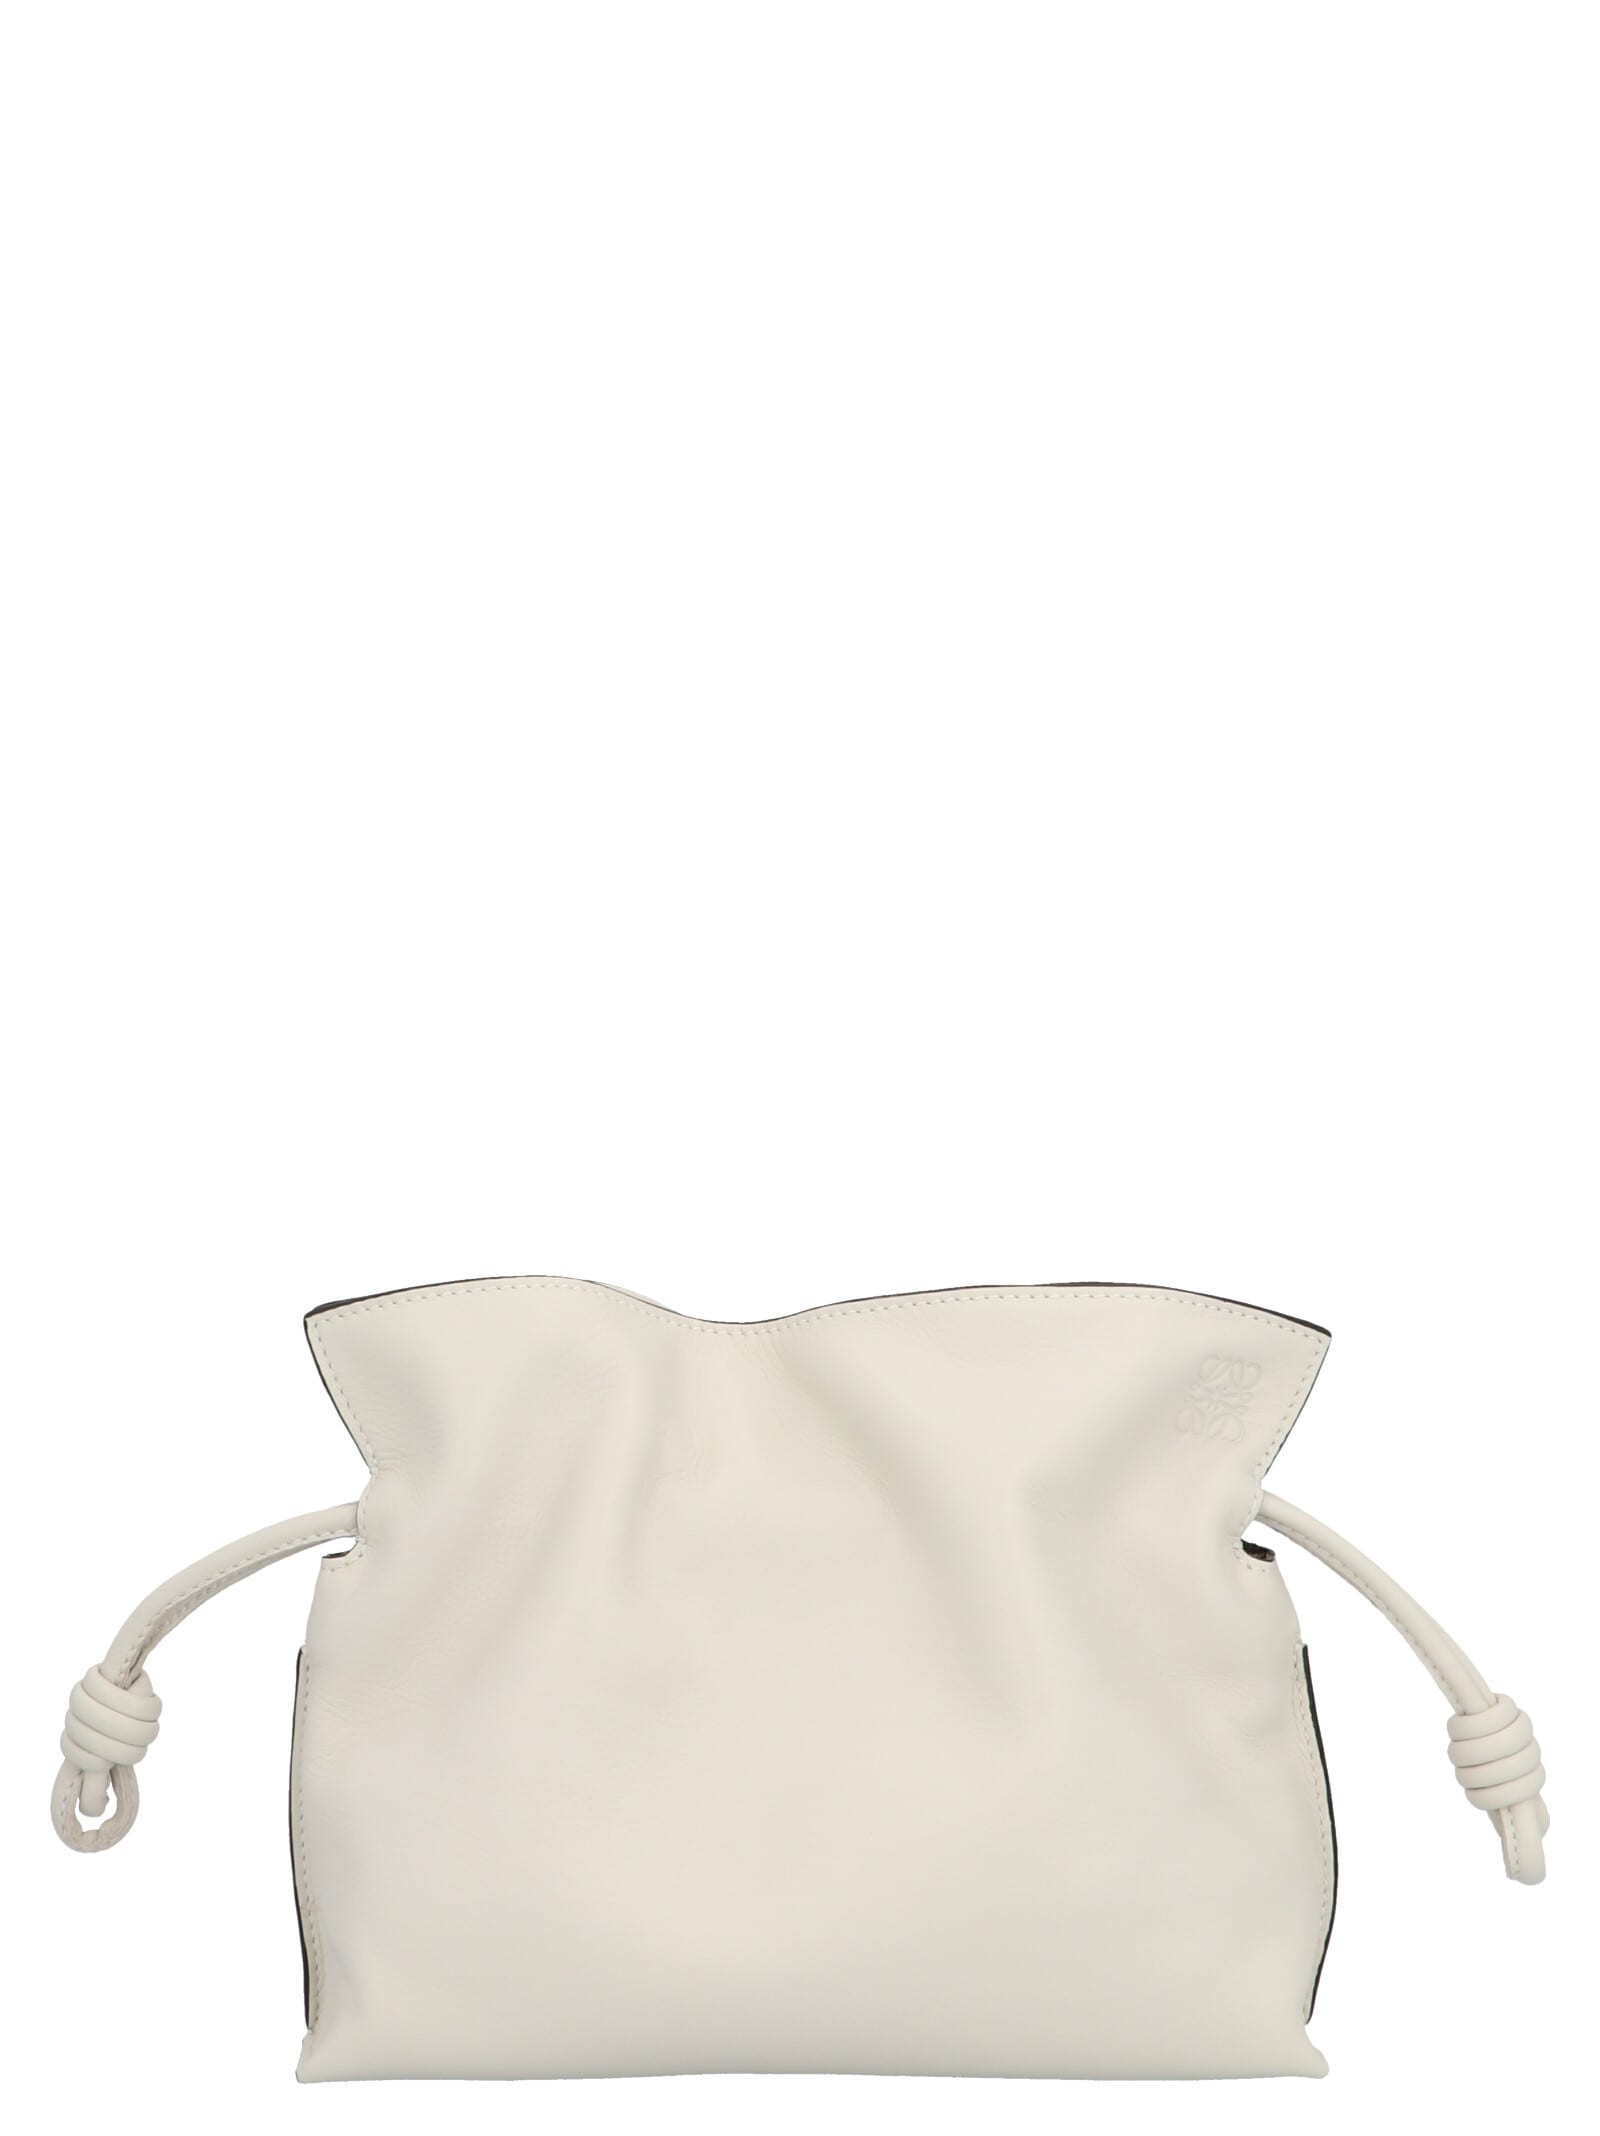 Loewe Clutches FLAMENCO MINI BAG